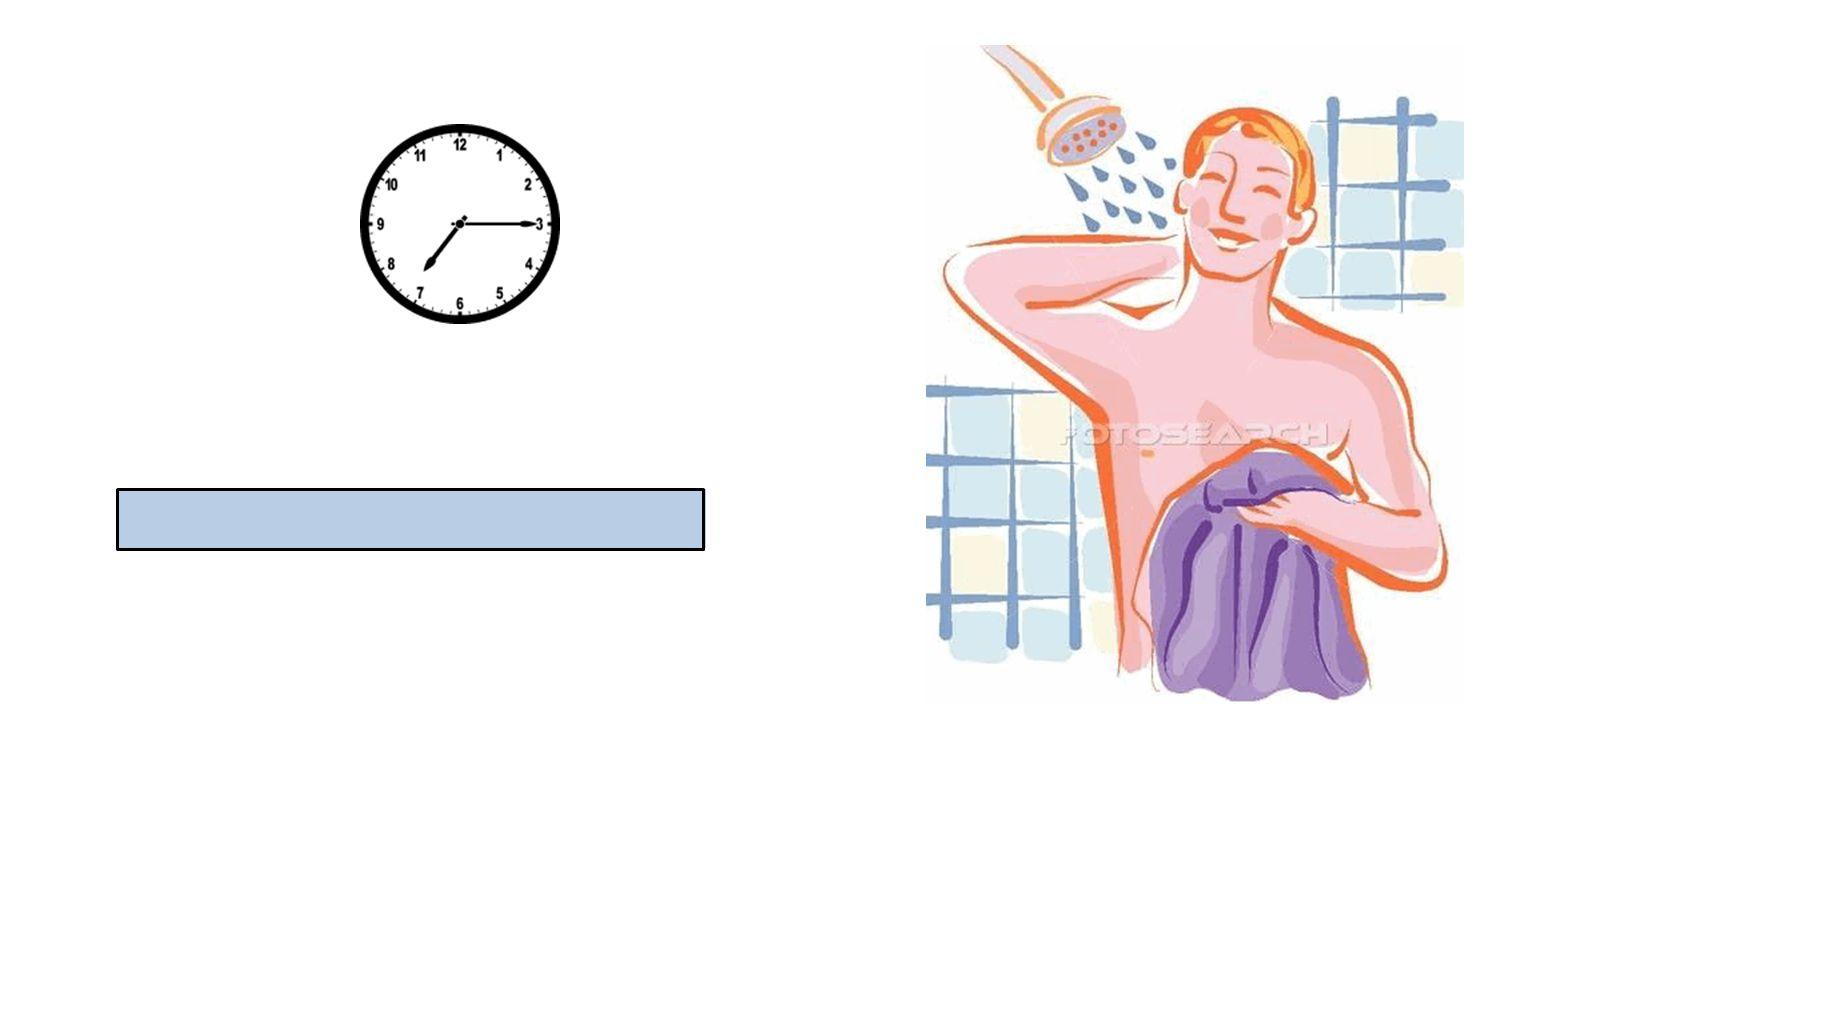 Er duscht Viertel nach sieben.